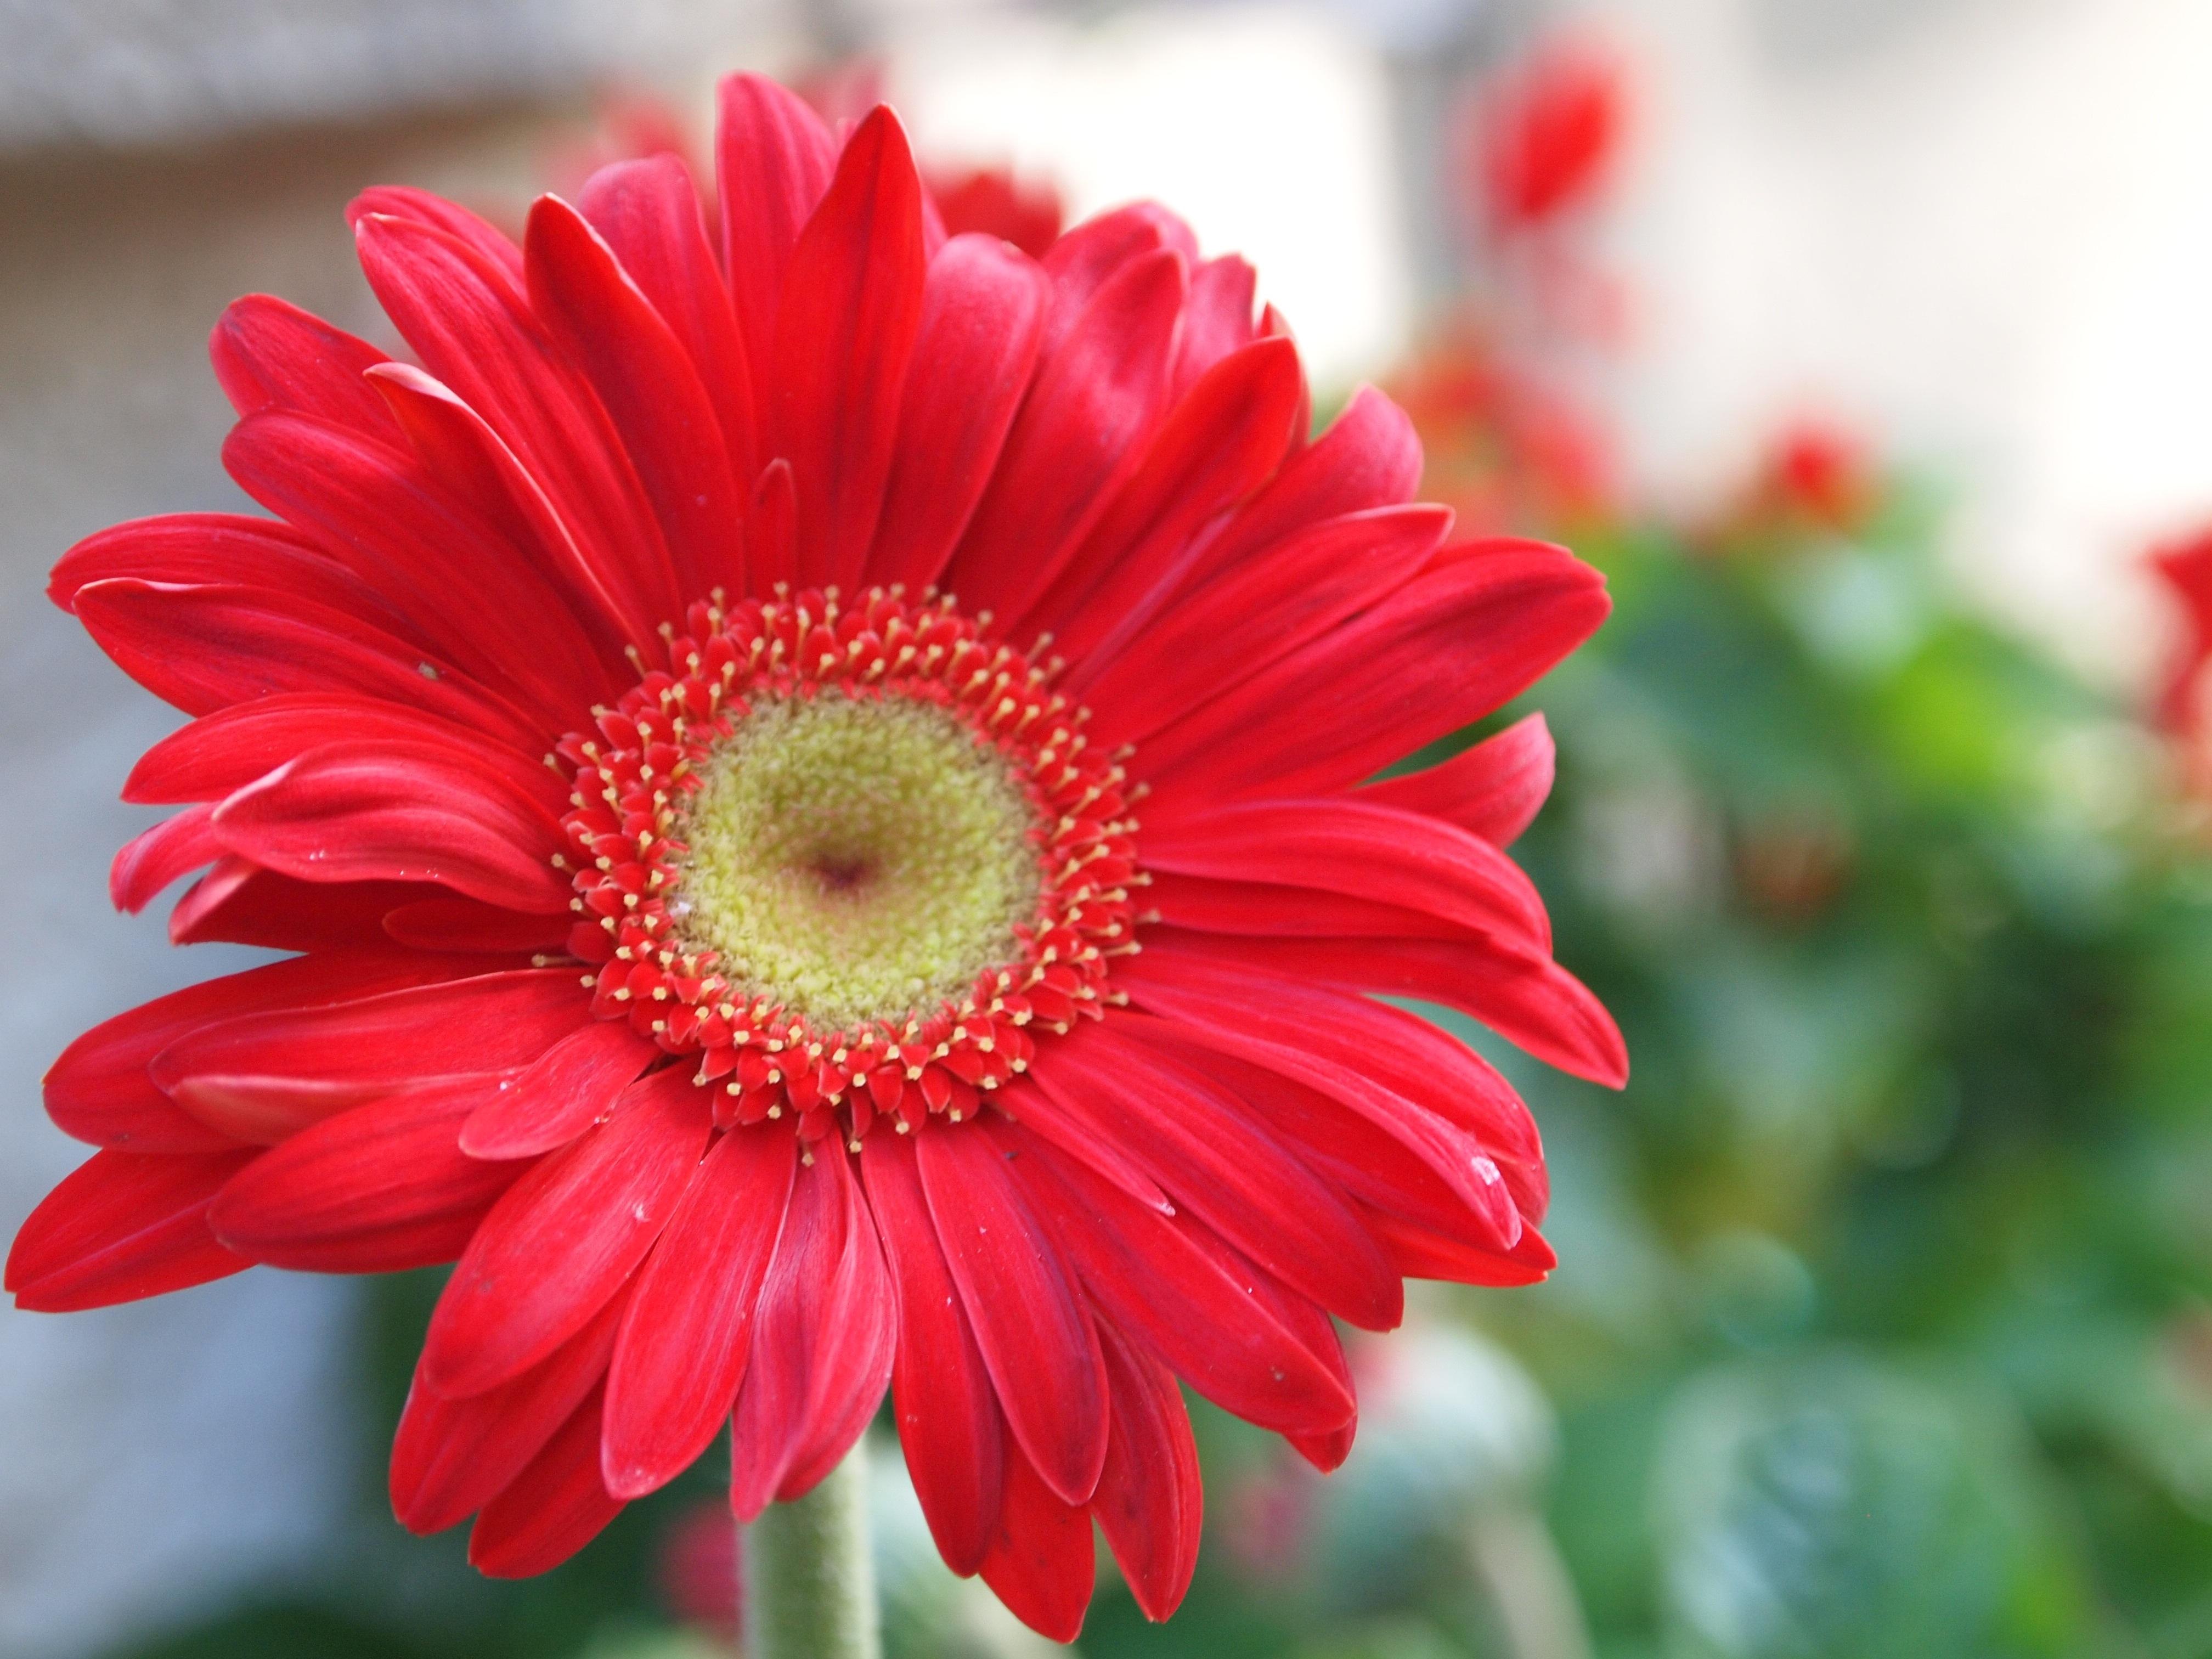 Free Images : nature, blossom, flower, petal, bloom, summer, floral ...